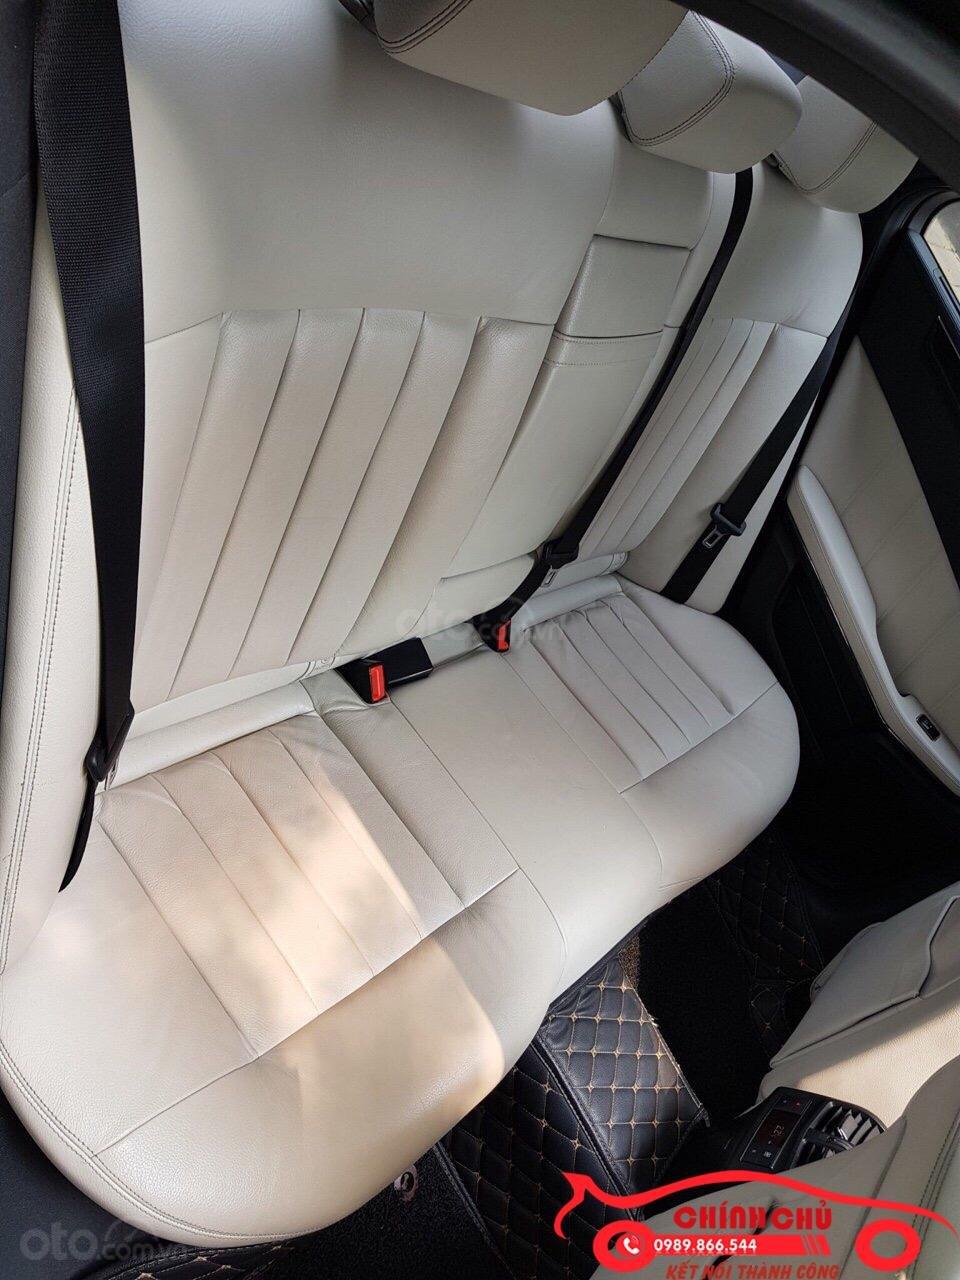 Bán Mercedes E250 AMG đời 2016, màu đen, nội thất kem cực mới, giá 1,4xx triệu (12)